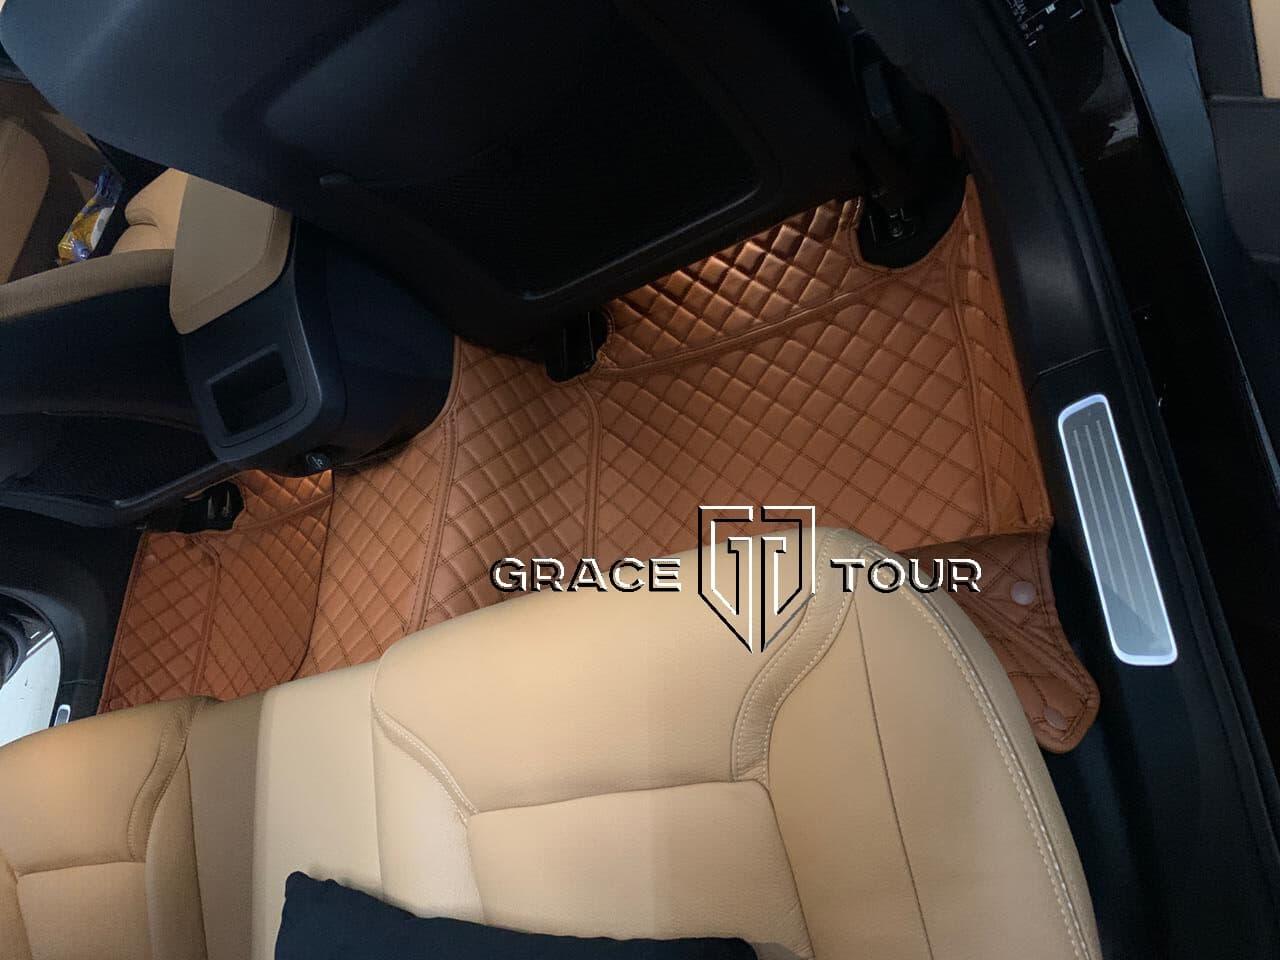 3D коврики из экокожи для Volvo XC60. Комплект для пассажиров второго ряда сидений соединен перемычкой